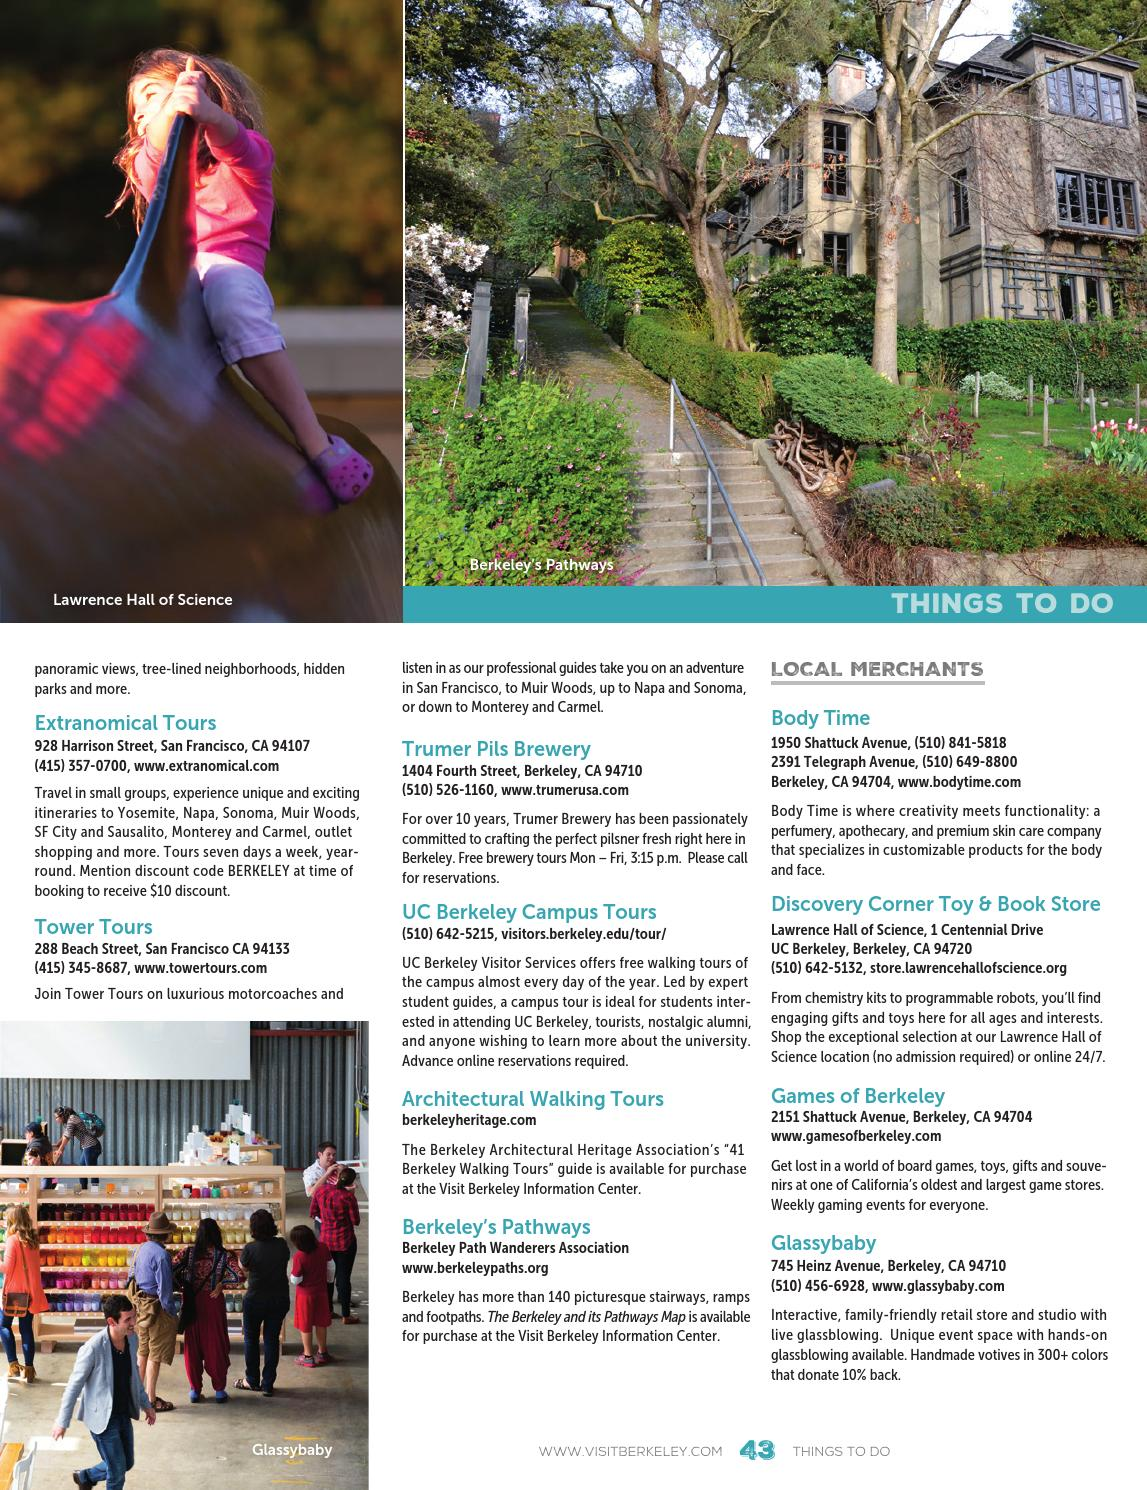 BERKELEY VISITORS GUIDE 2016/17 by Visit Berkeley - issuu